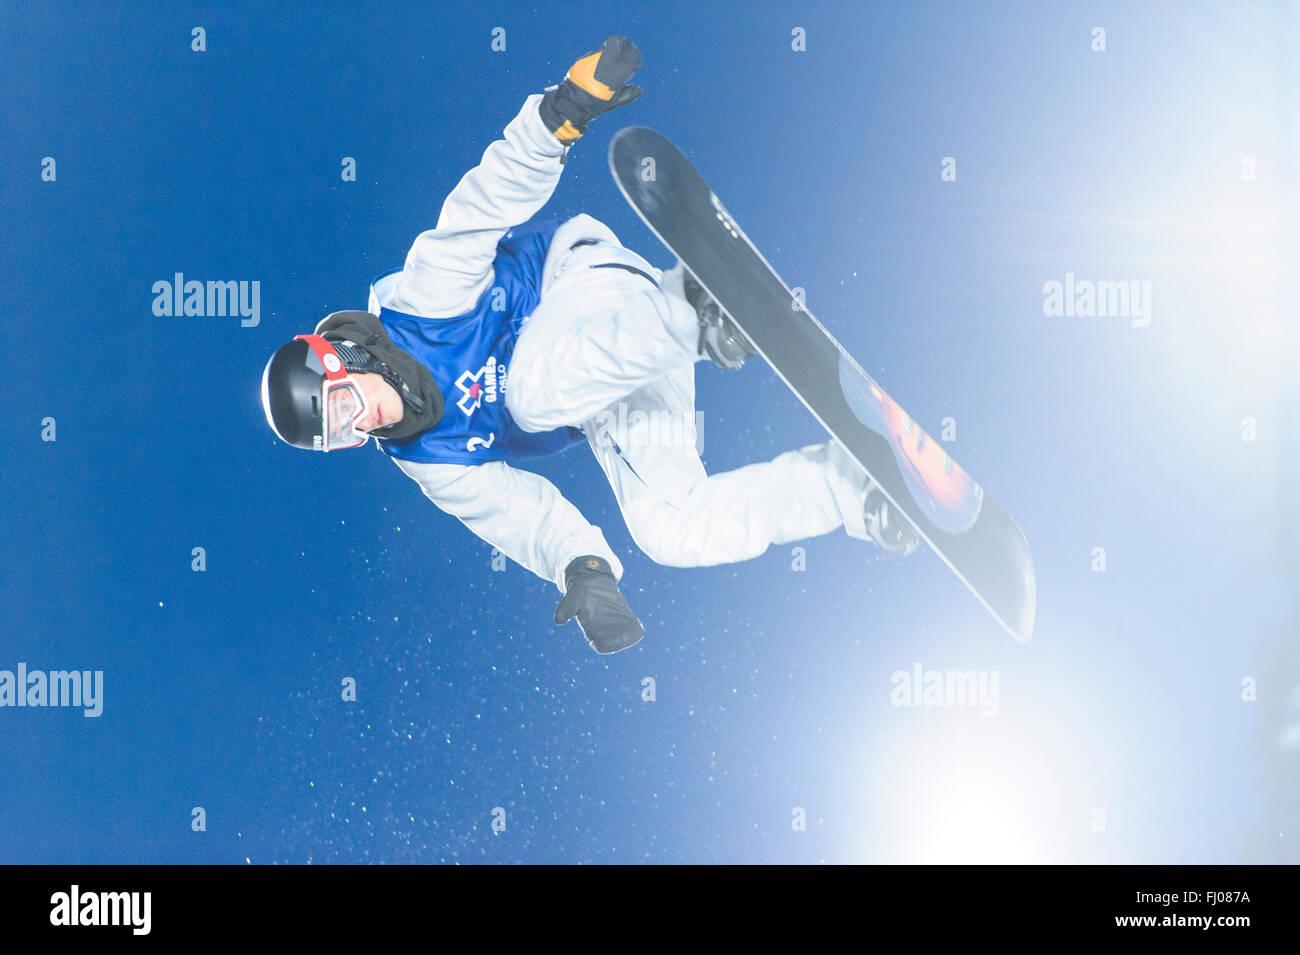 Oslo, Noruega. 26 de febrero de 2016 El 2016 Winter X Games llegó en Oslo este año, trayendo a los atletas Imagen De Stock